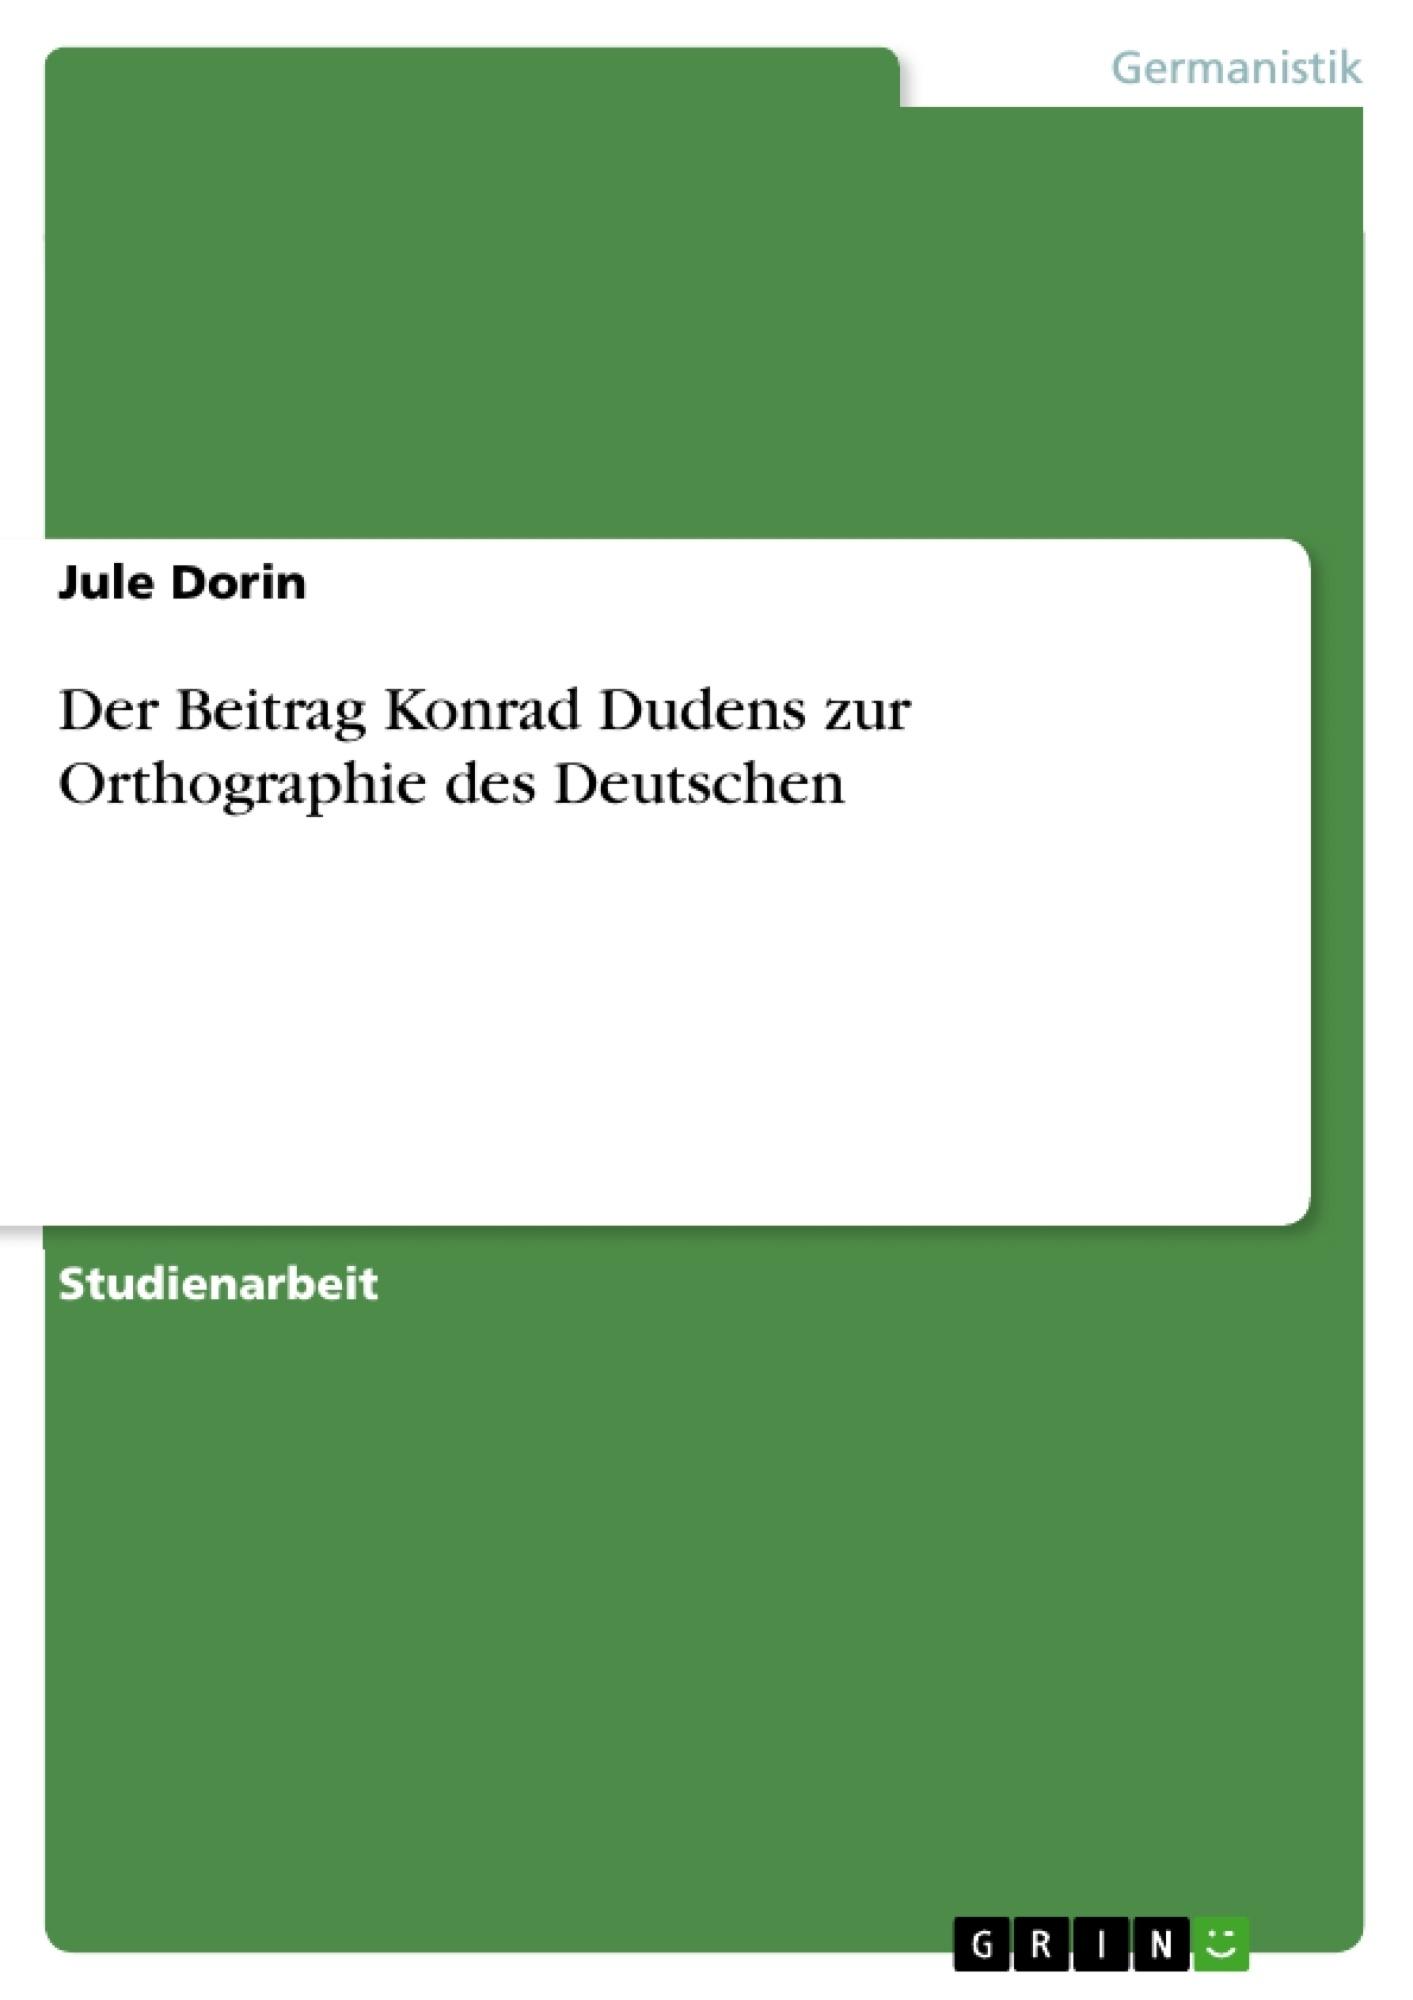 Titel: Der Beitrag Konrad Dudens zur Orthographie des Deutschen